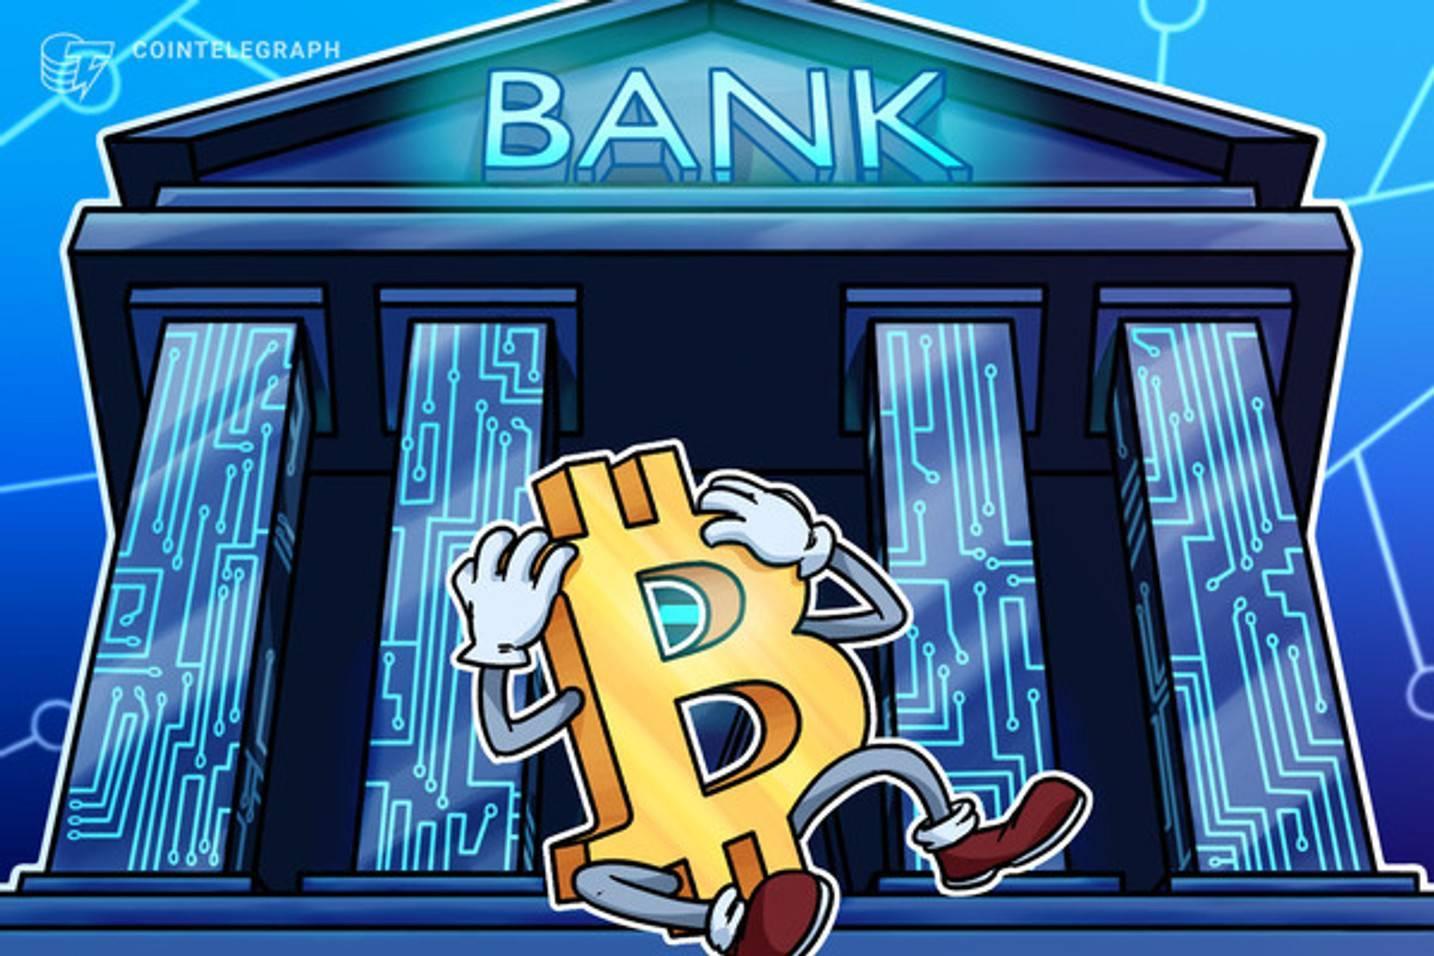 币世界-万事达CEO Ajay Banga: 比特币 无法满足无银行账户者的要求